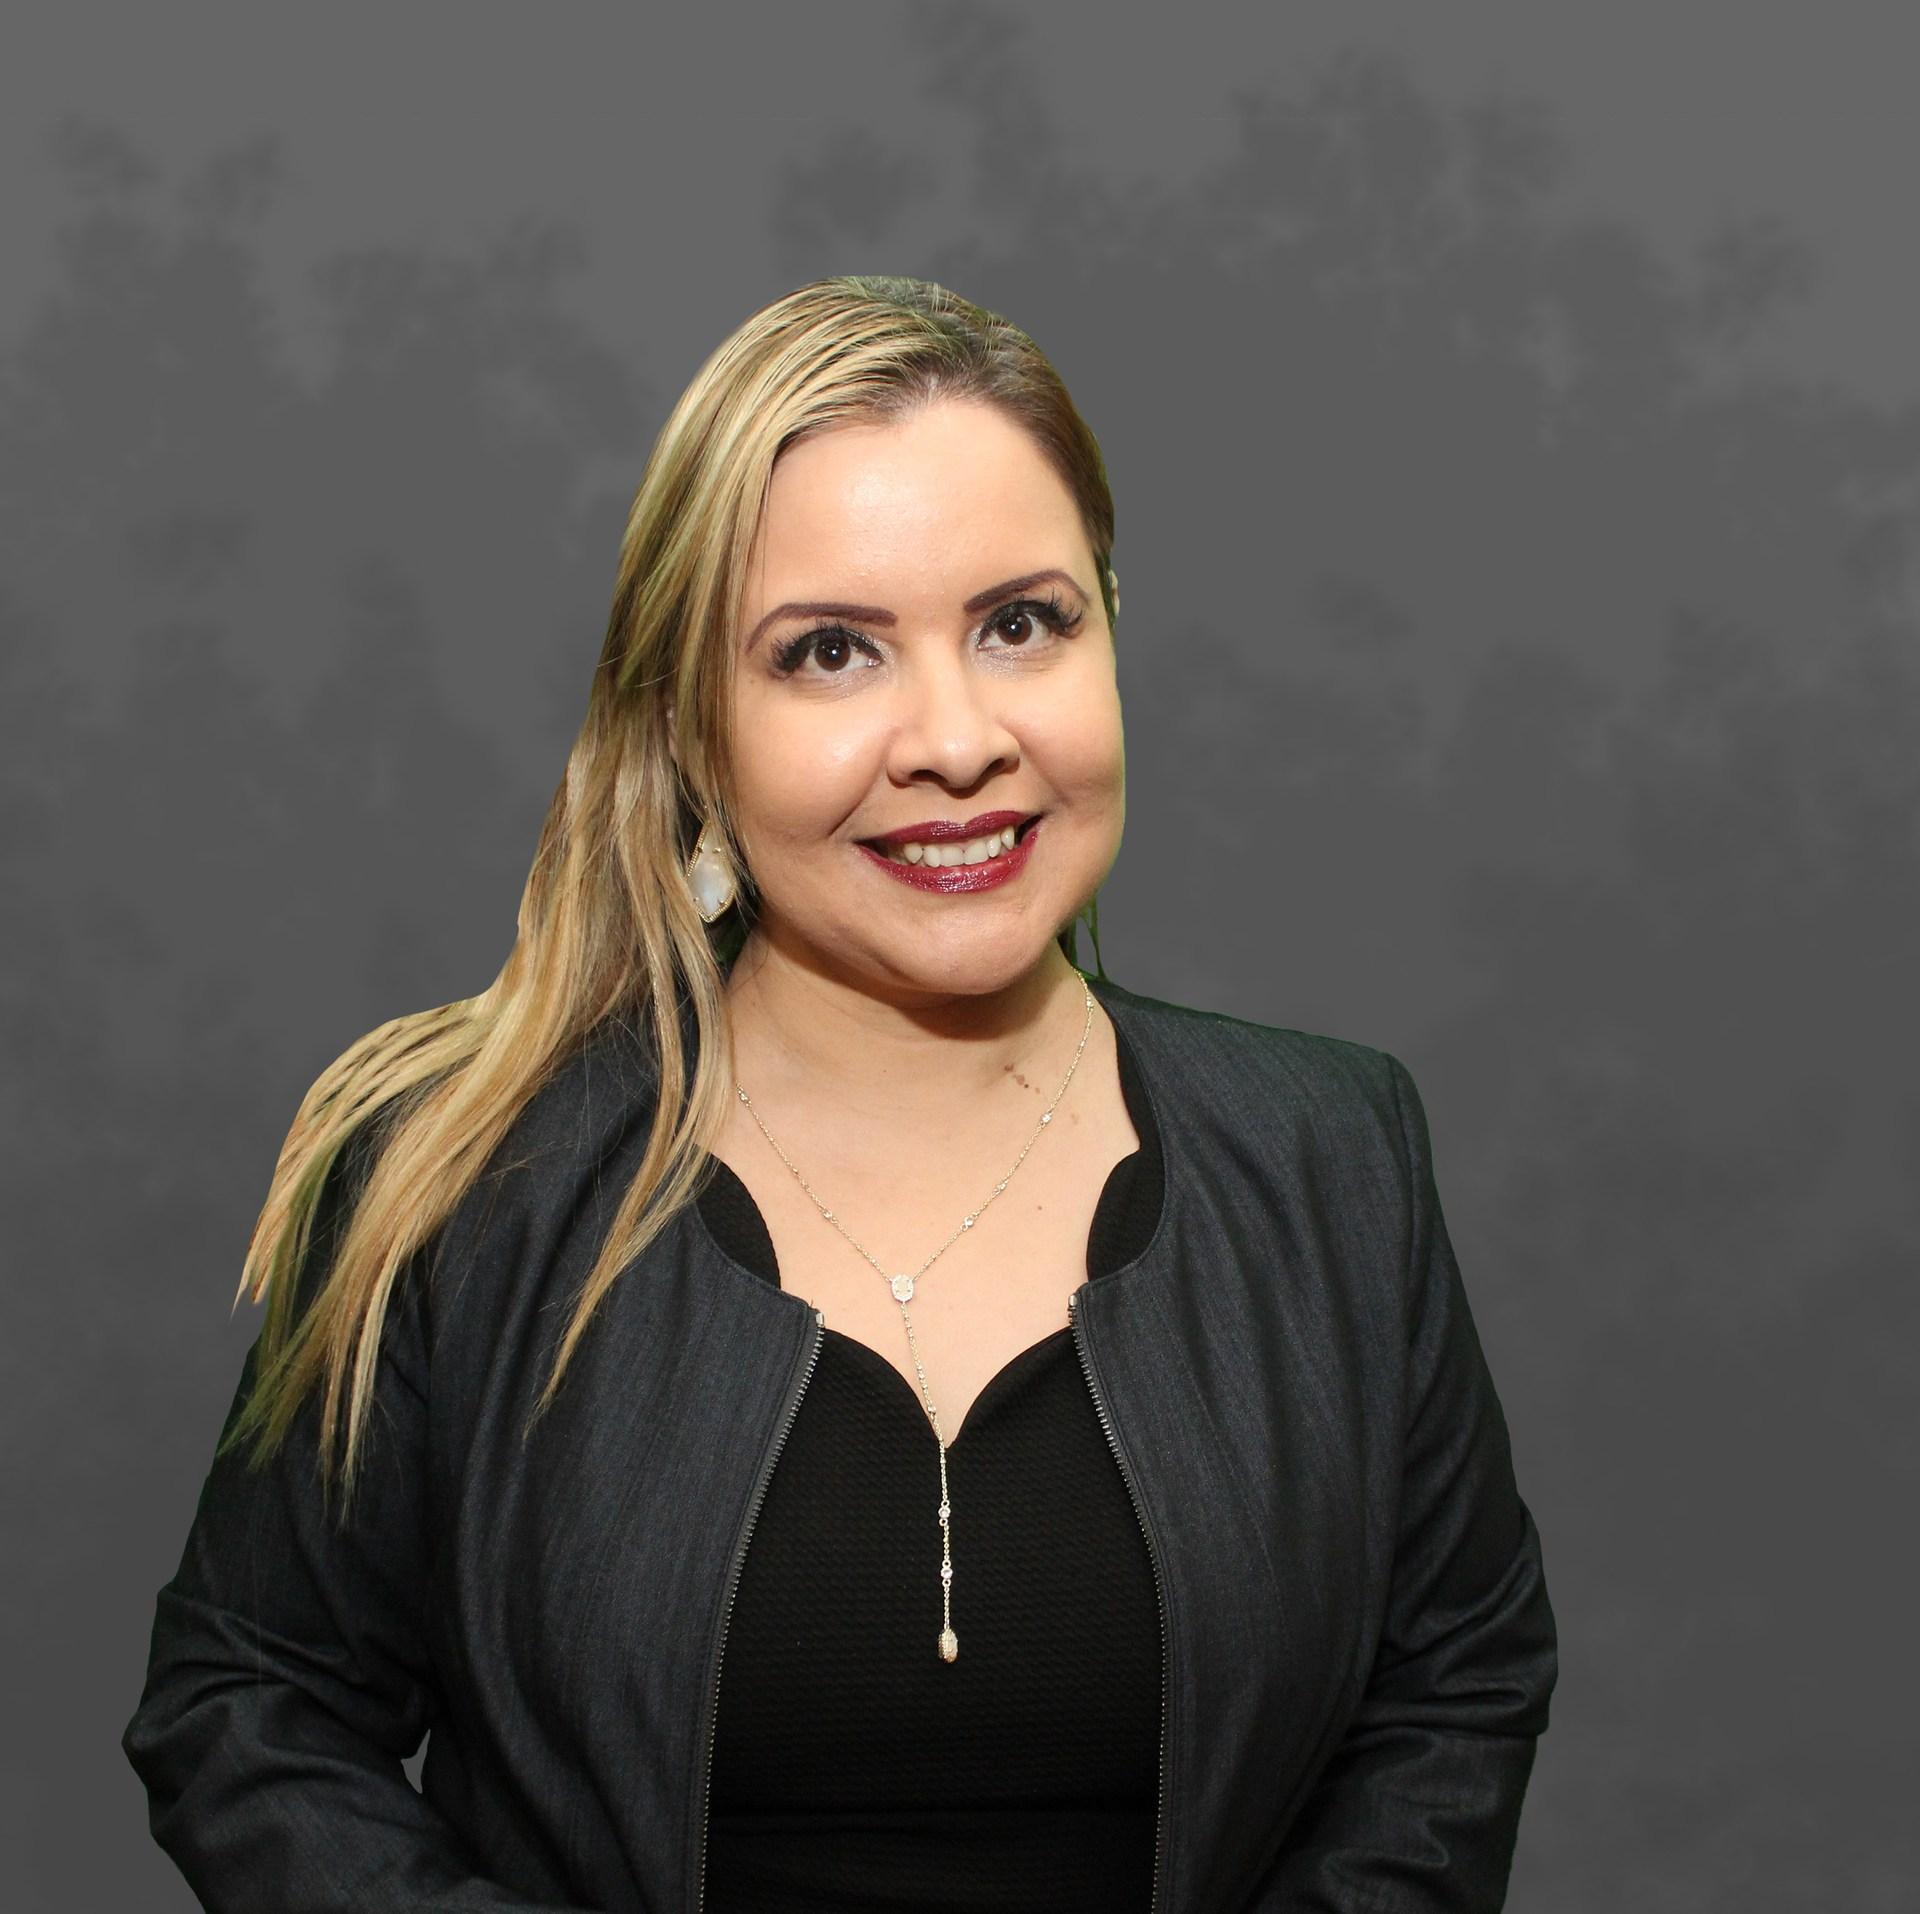 Board Trustee Ana Cortez